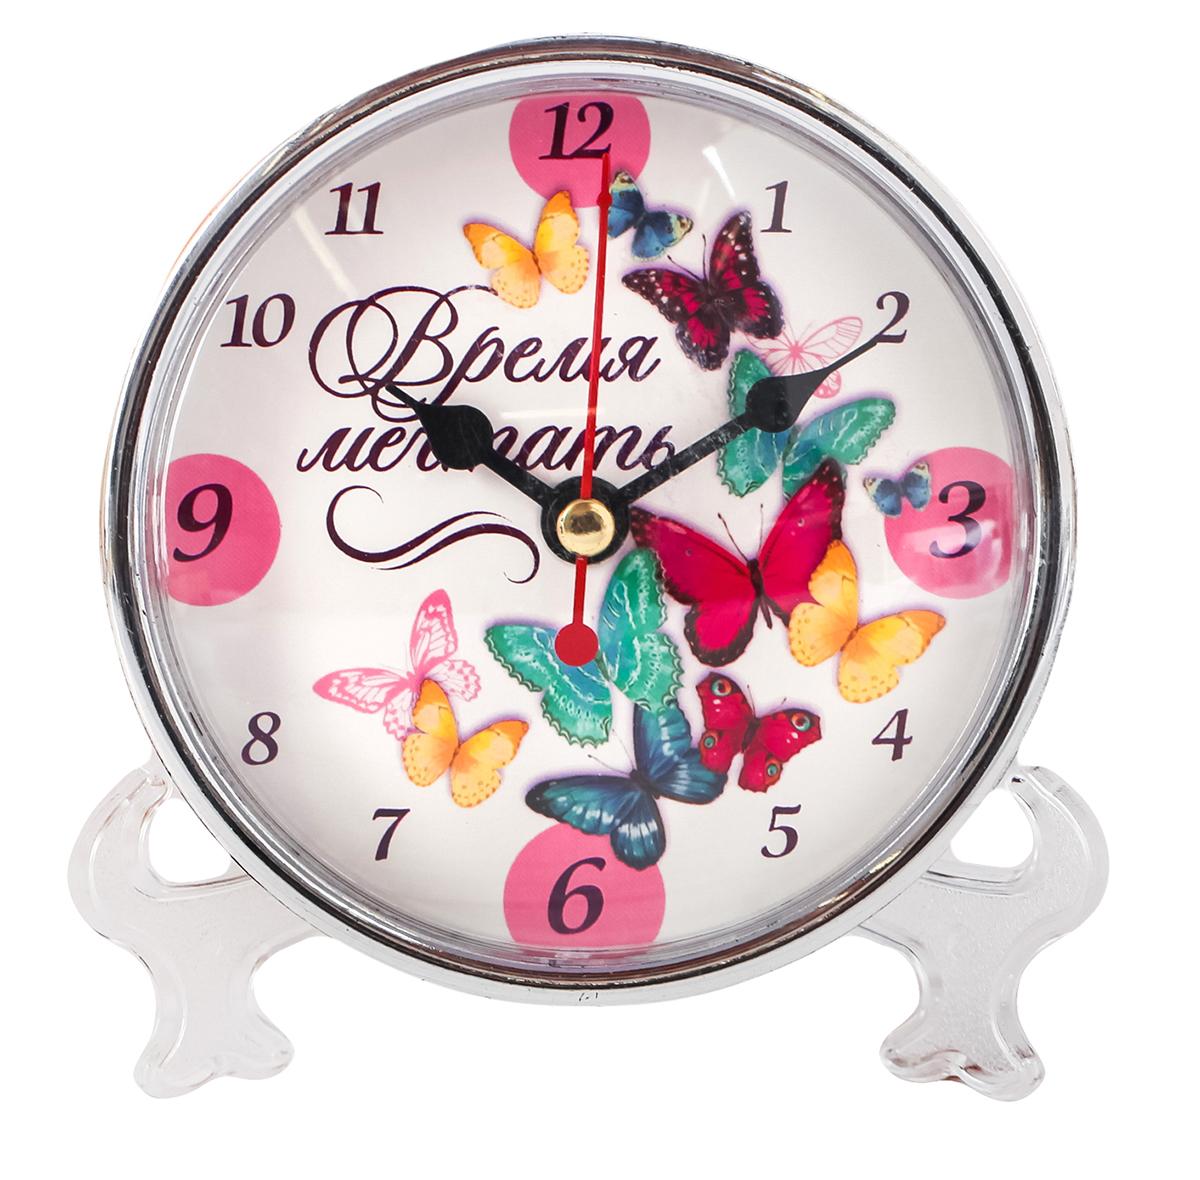 Часы настольные Время мечтать, 10 х 10 см. 21865852186585Каждому хозяину периодически приходит мысль обновить свою квартиру, сделать ремонт, перестановку или кардинально поменять внешний вид каждой комнаты. Часы настольные Время мечтать — привлекательная деталь, которая поможет воплотить вашу интерьерную идею, создать неповторимую атмосферу в вашем доме. Окружите себя приятными мелочами, пусть они радуют глаз и дарят гармонию.